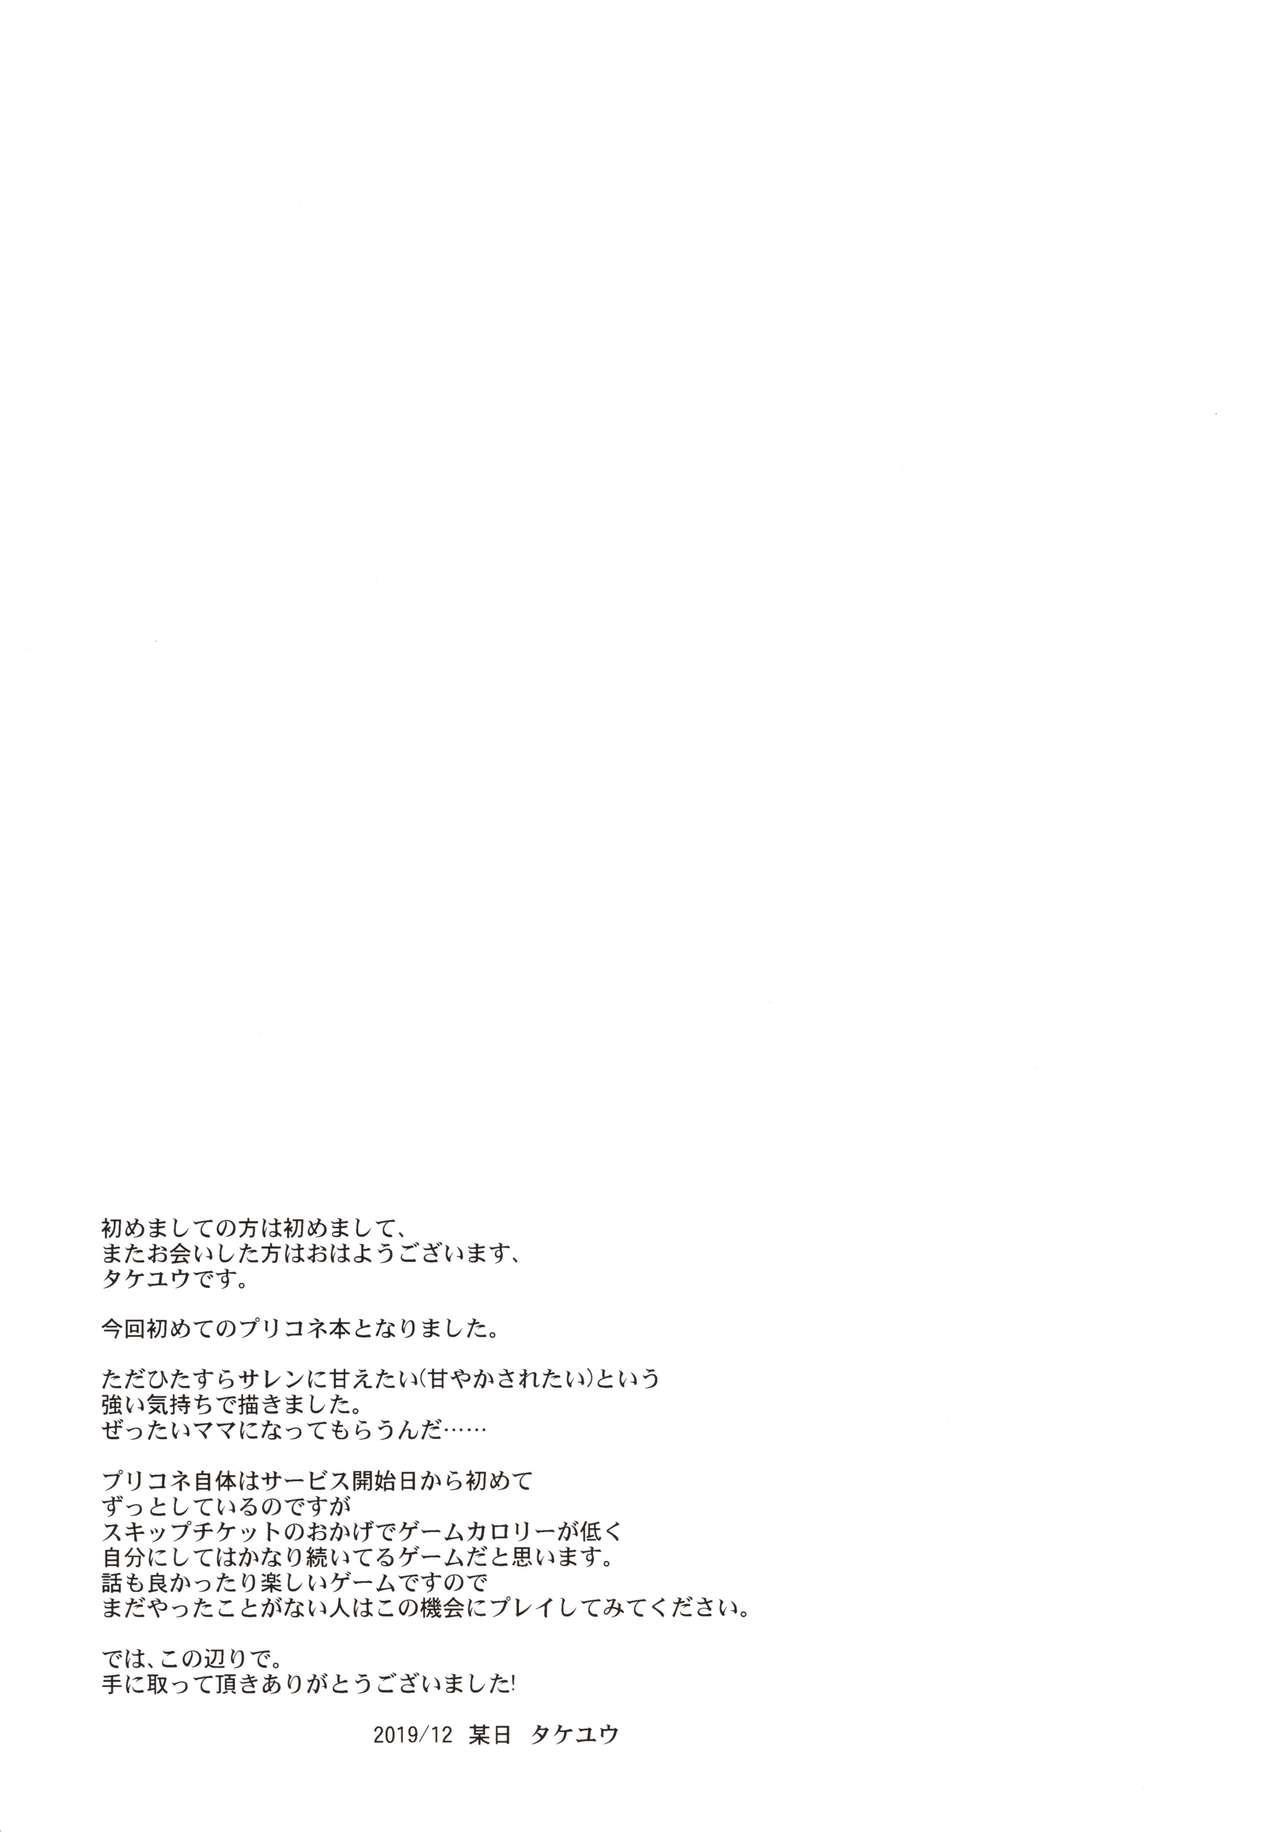 Saren no Yoshi Yoshi Nadenade Iiko 2